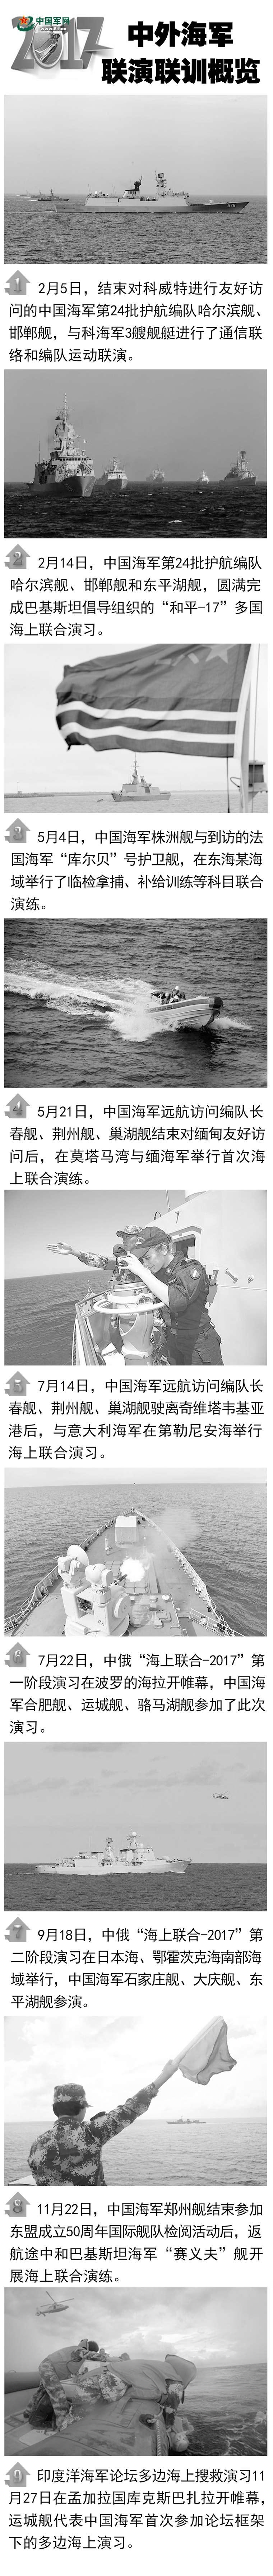 人民海军:与英法传统海军强国比 我们优势不明显